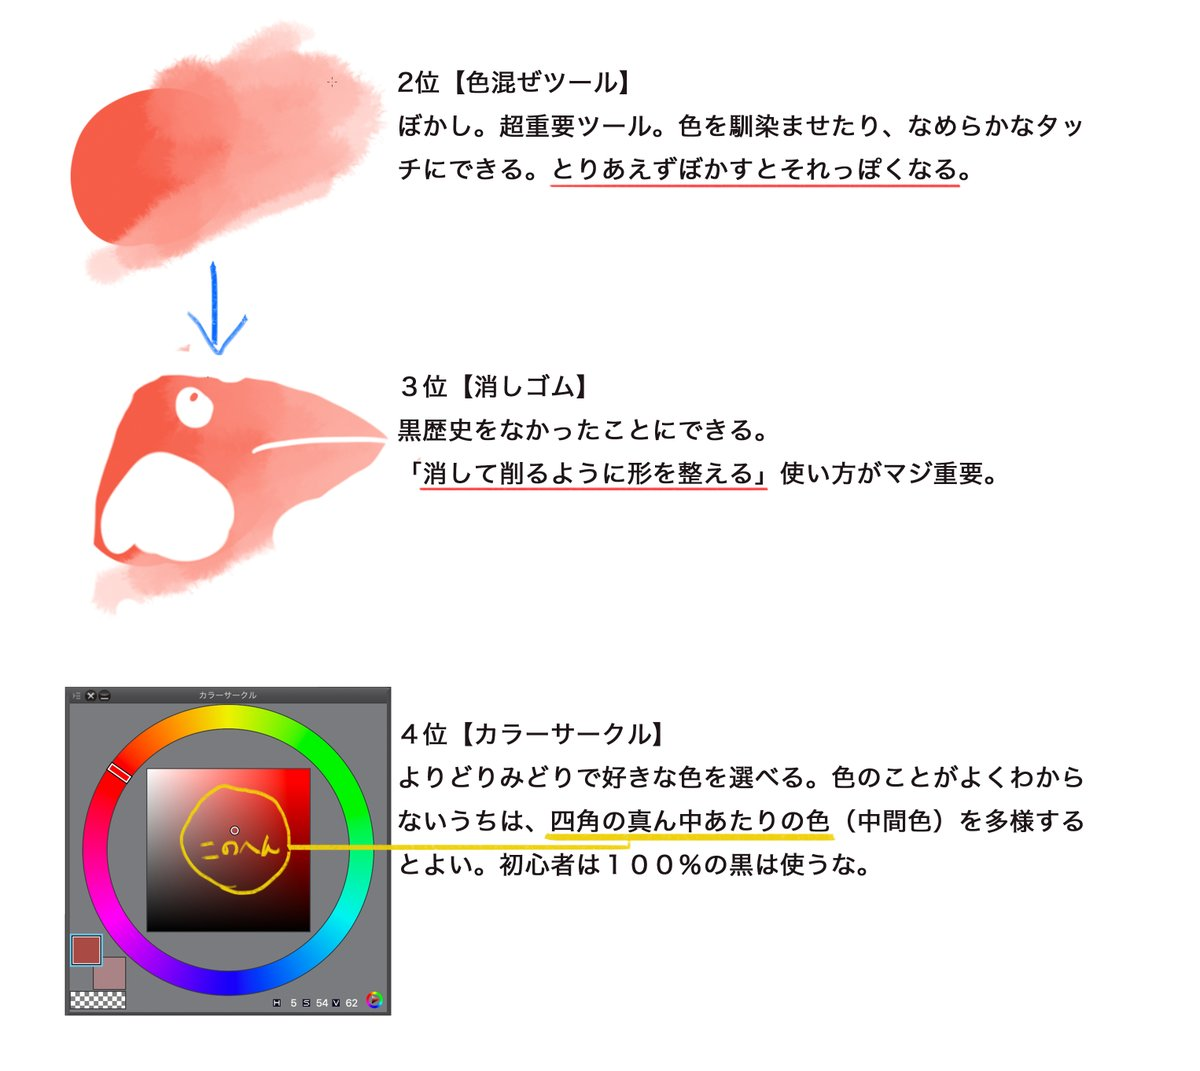 よー清水🐧 YoShimizuさんの投稿画像